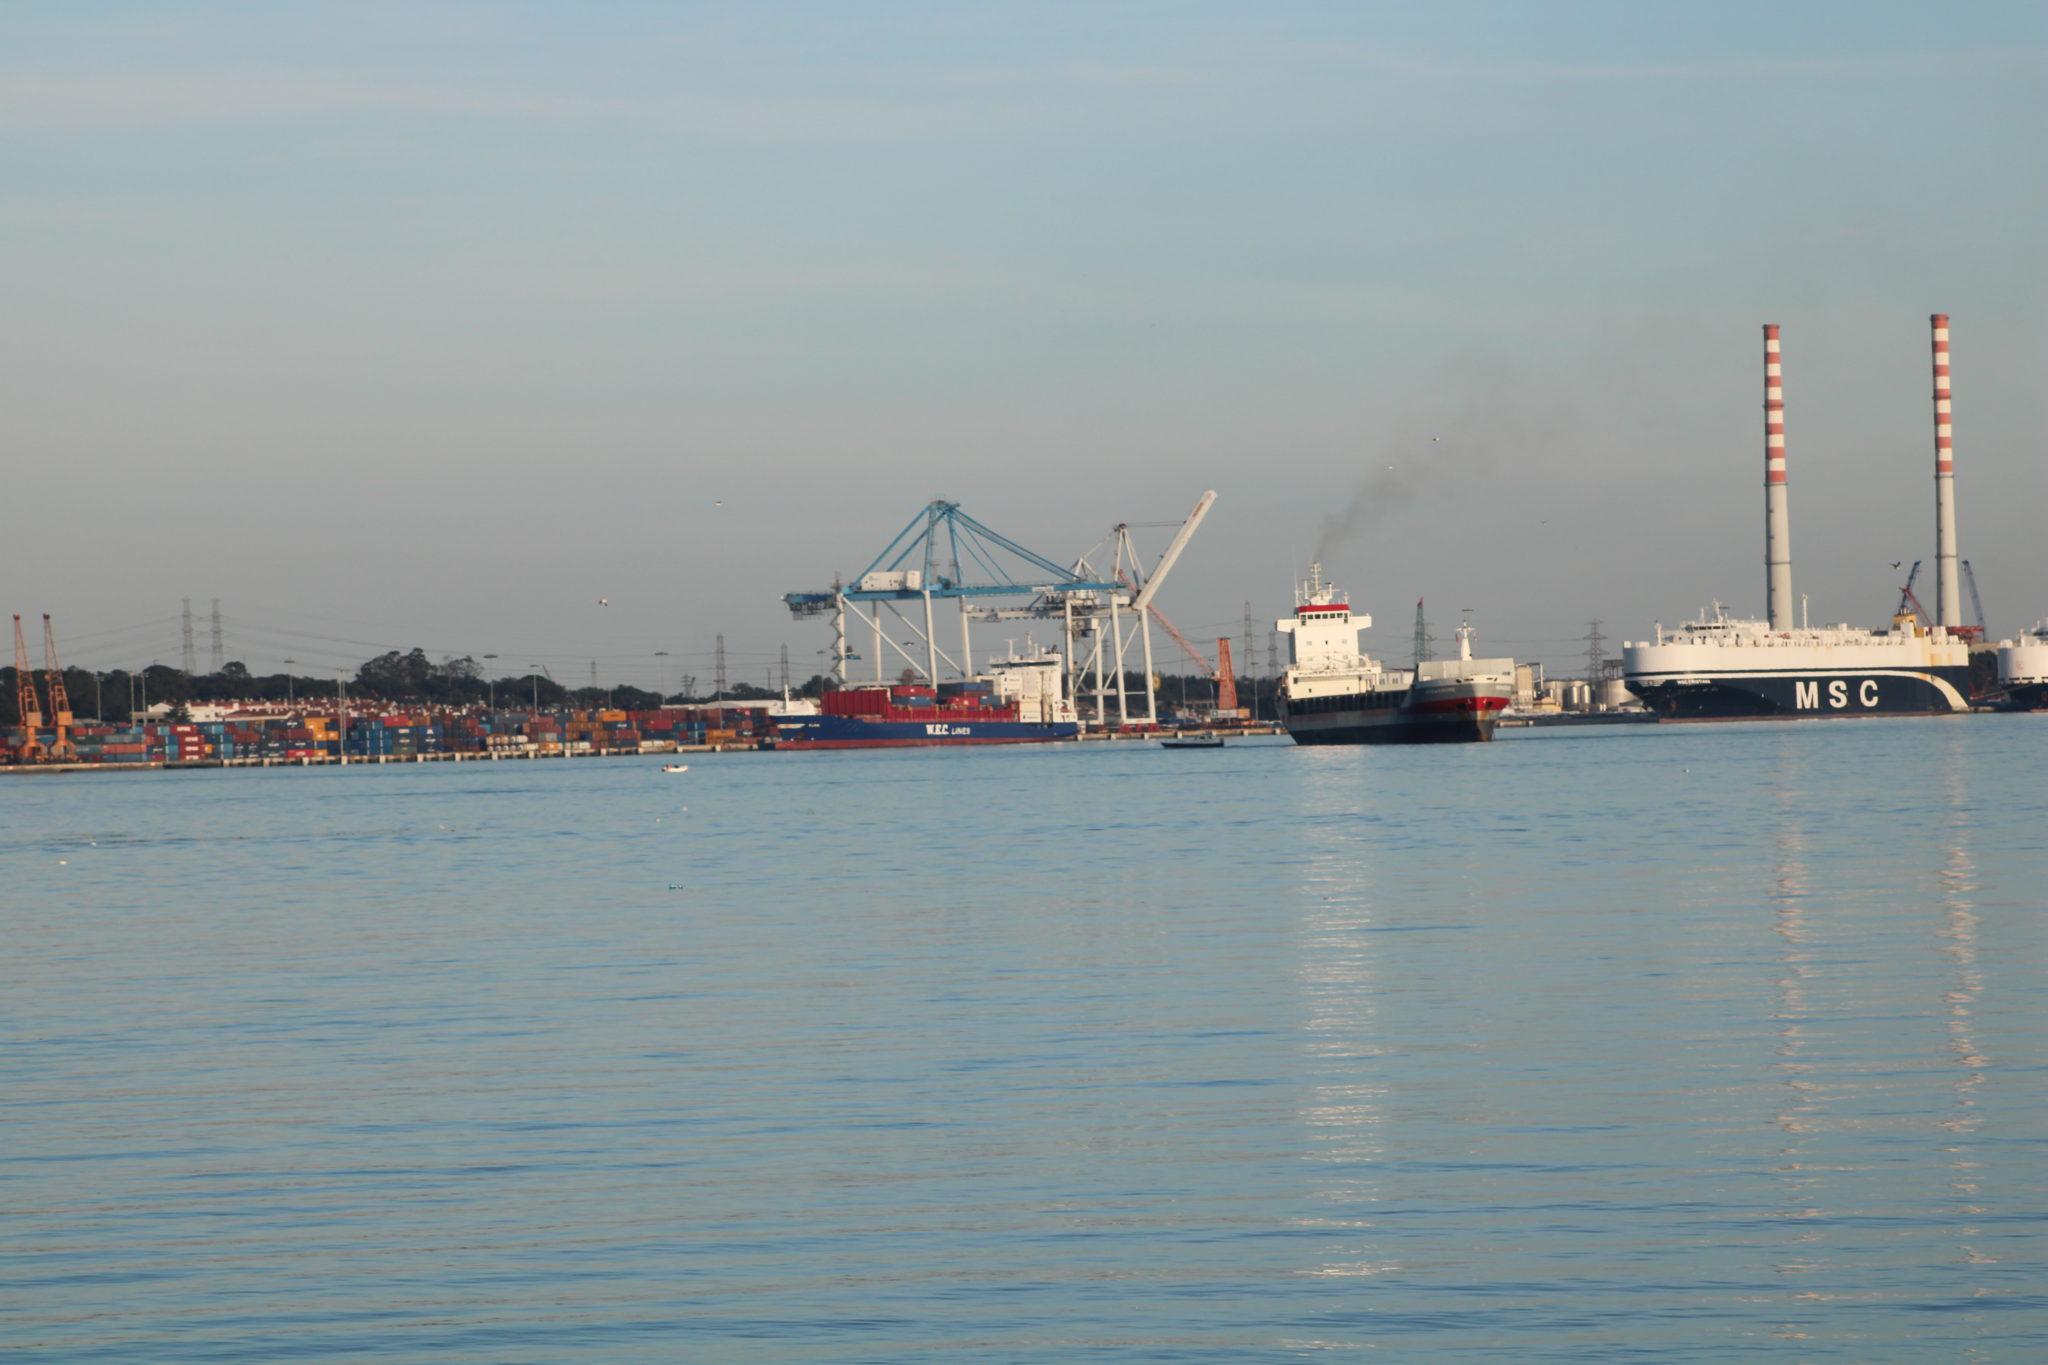 Poluição causada pelo petróleo dos navios em Setúbal